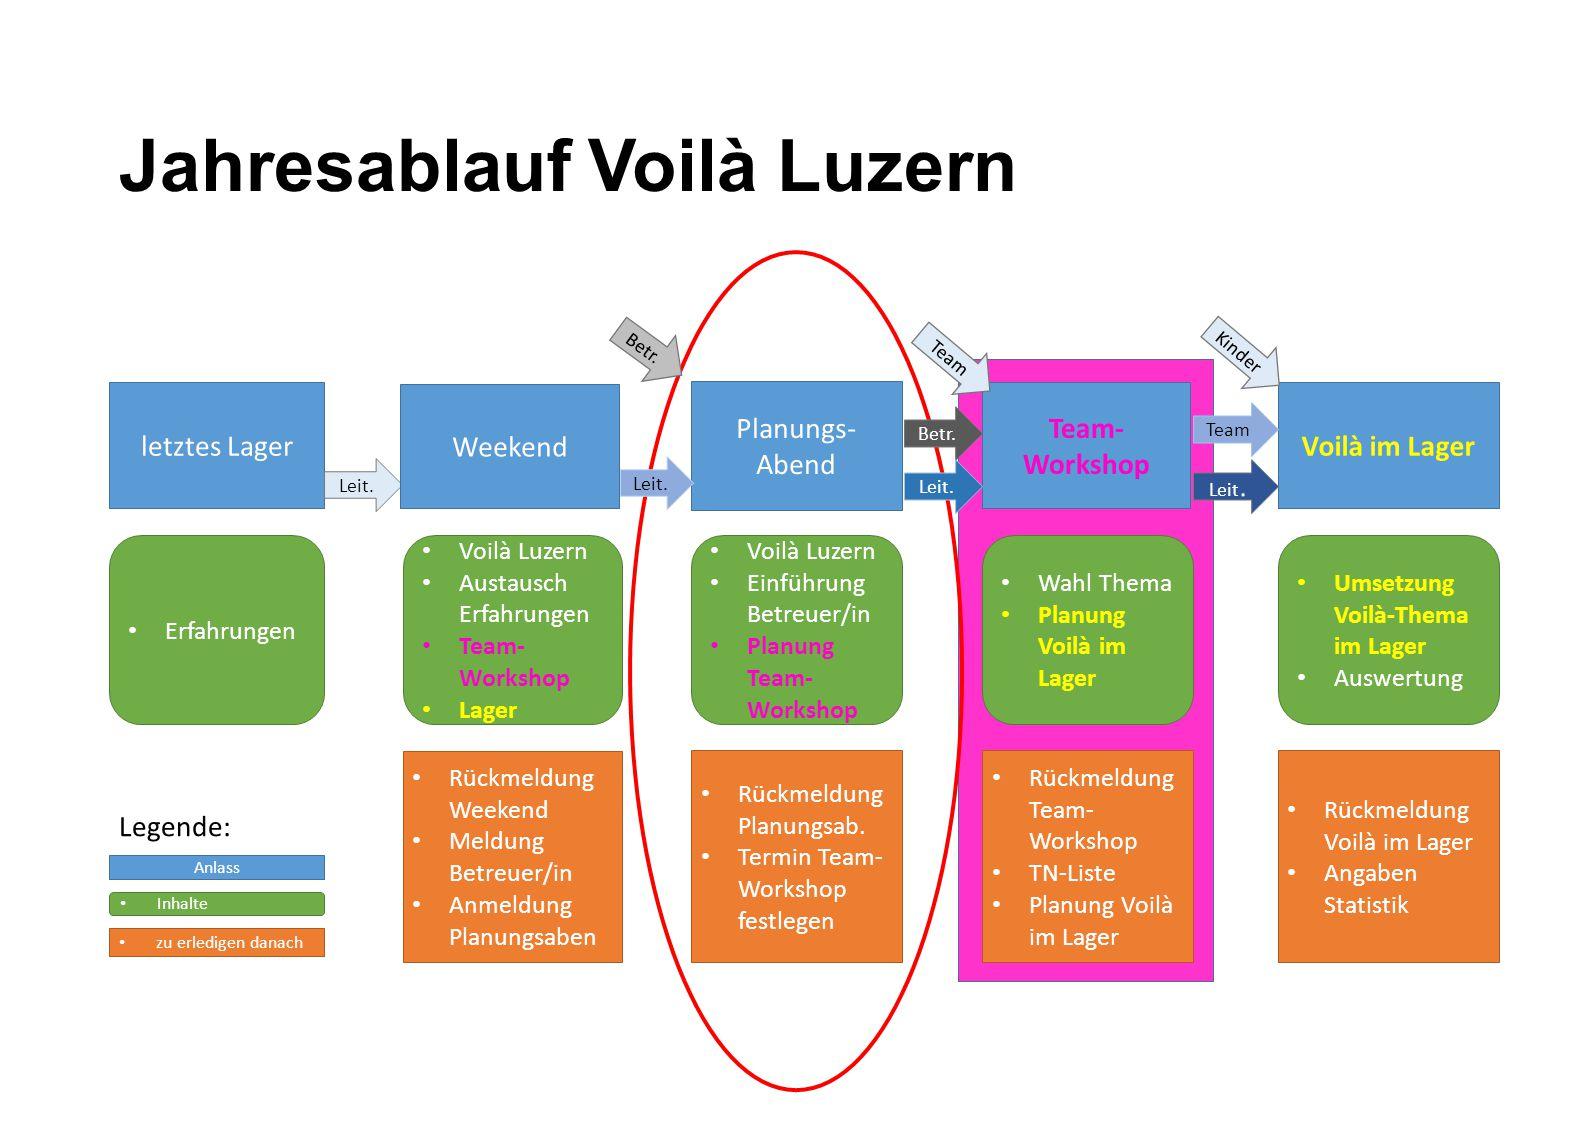 Jahresablauf Voilà Luzern